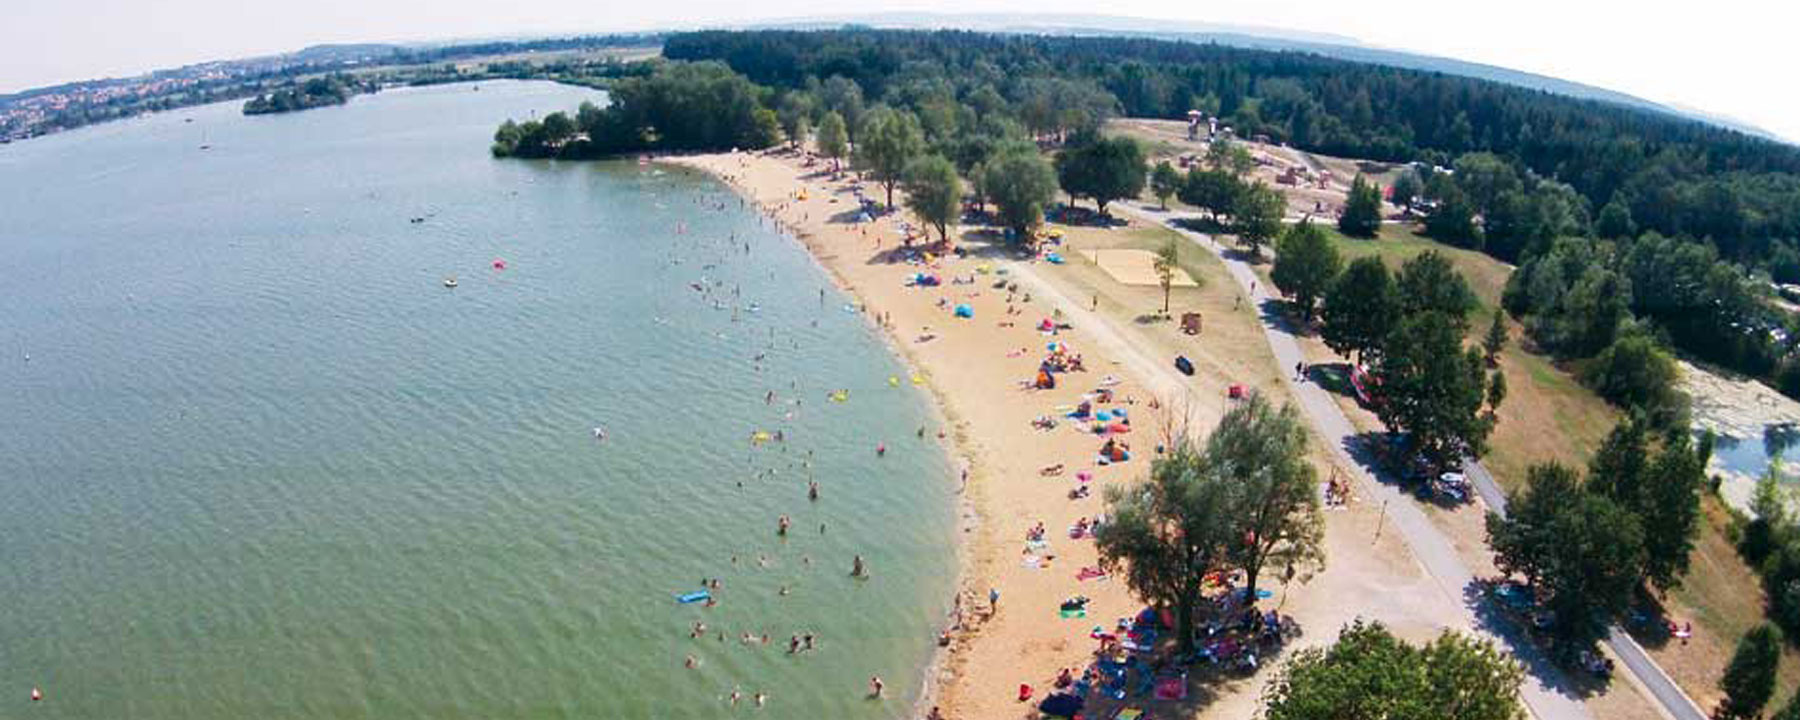 Urlaubsspaß für die ganze Familie am Altmühlsee